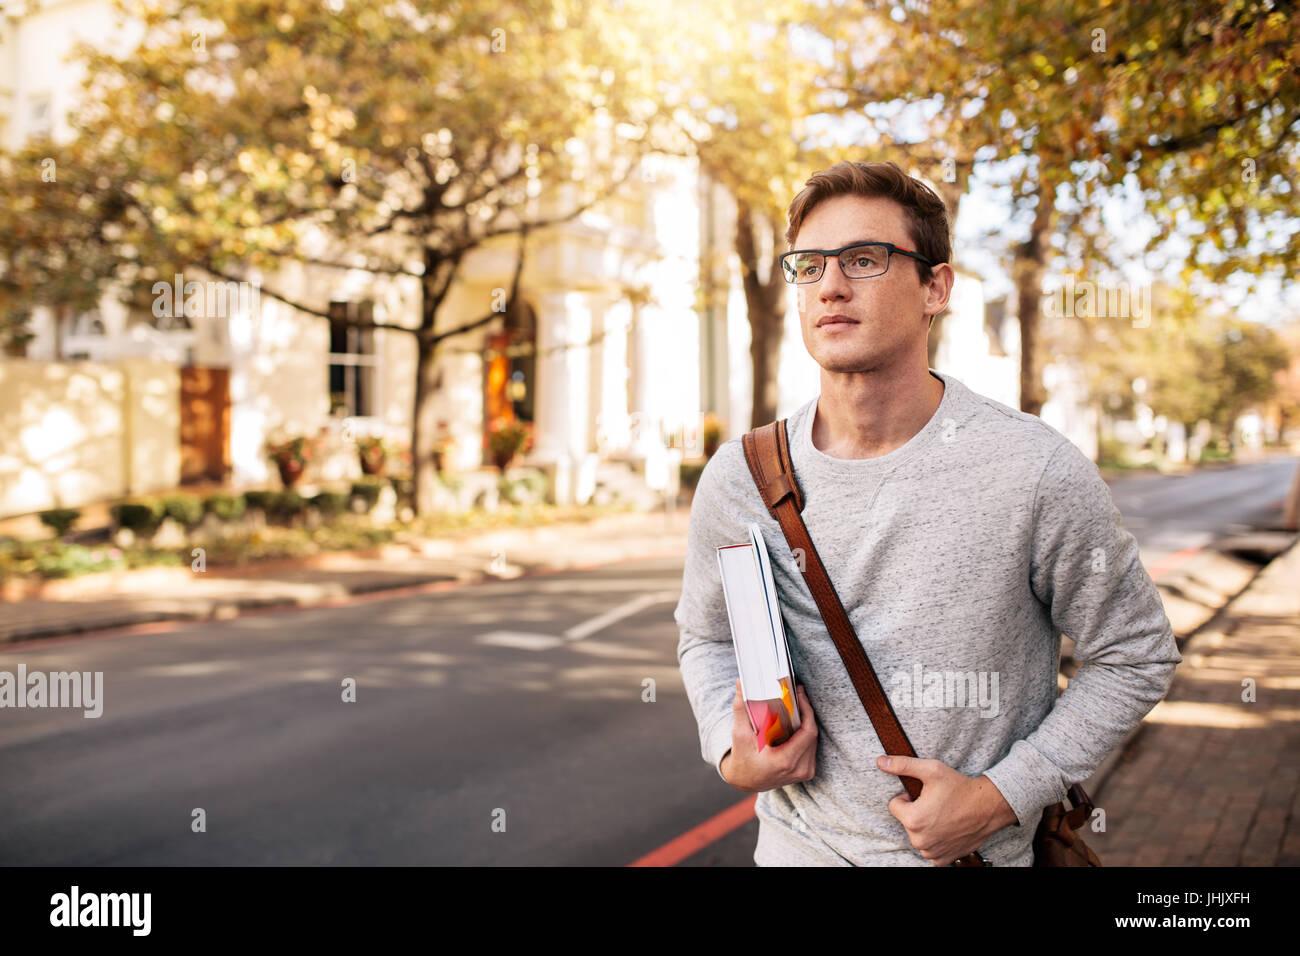 Young caucasian male student avec réserve à l'extérieur sur la route. Beau jeune homme d'aller Photo Stock